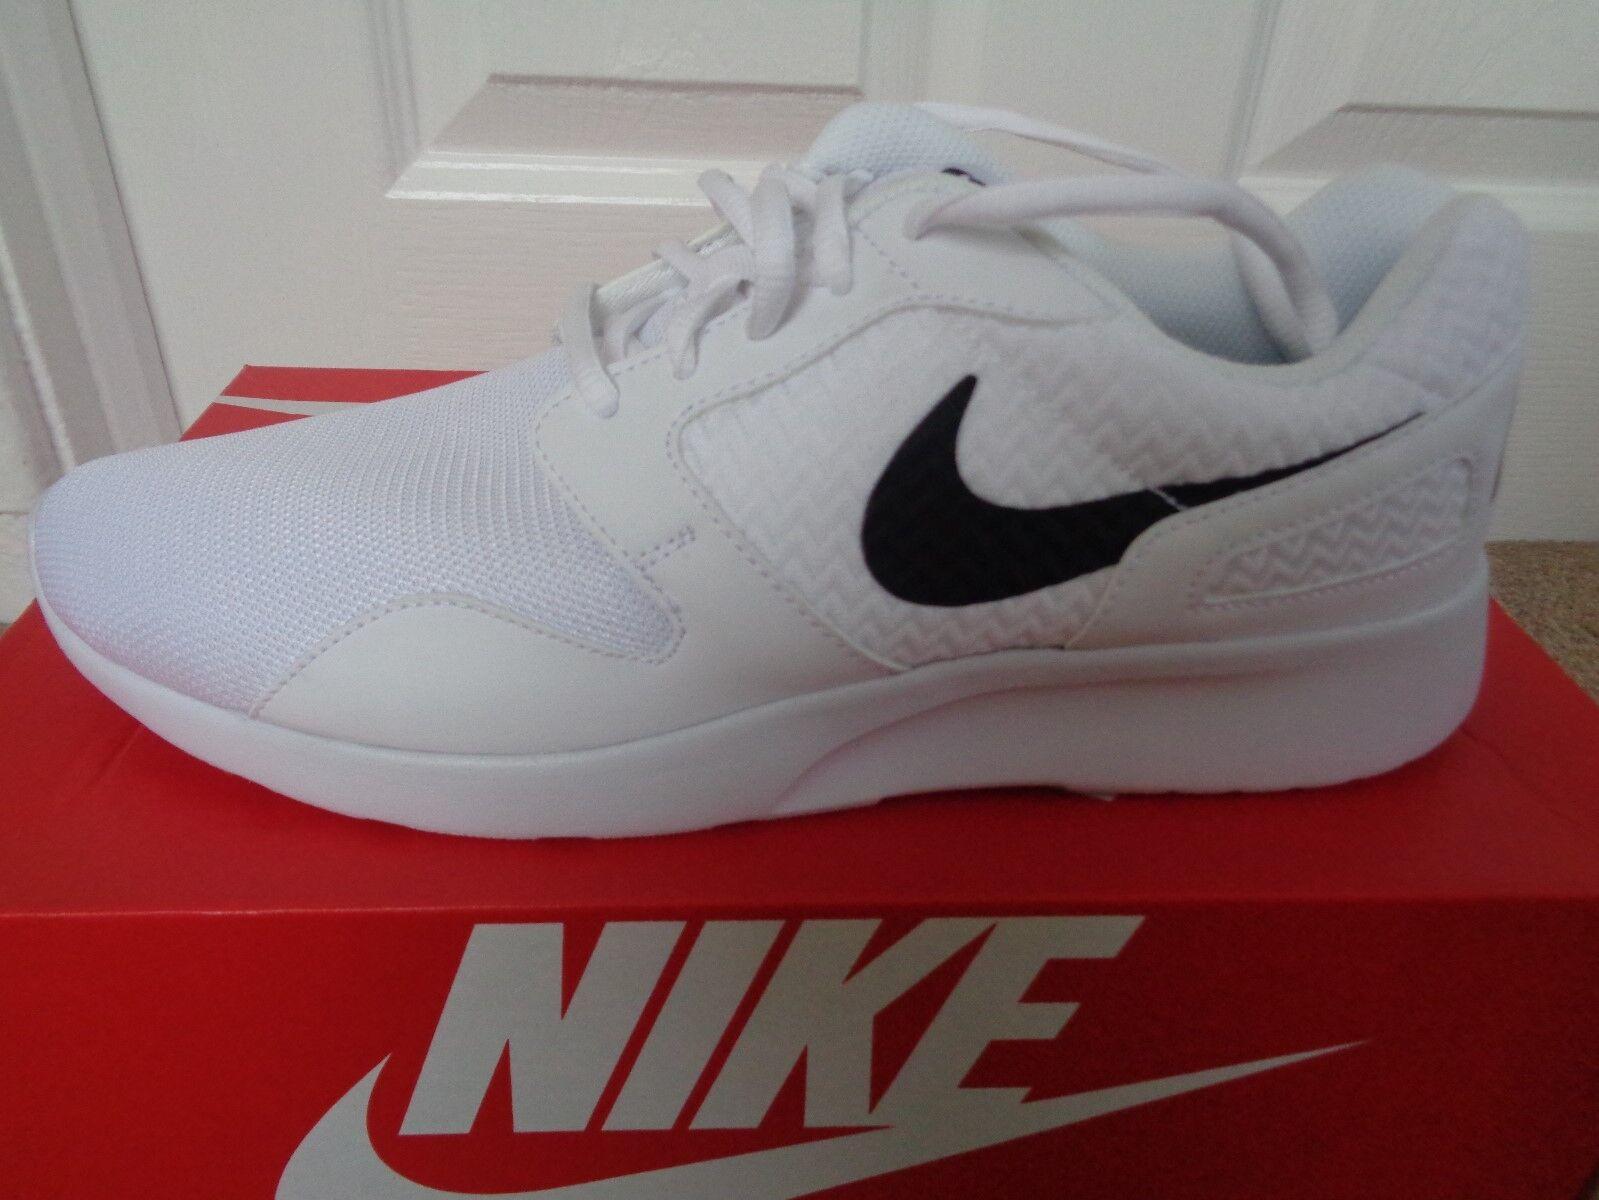 Nike Kaishi Mujer Zapatillas zapatillas 36.5 654845 103 UK 3.5 EU 36.5 zapatillas nos 6 Nuevo + Caja 8a4a06